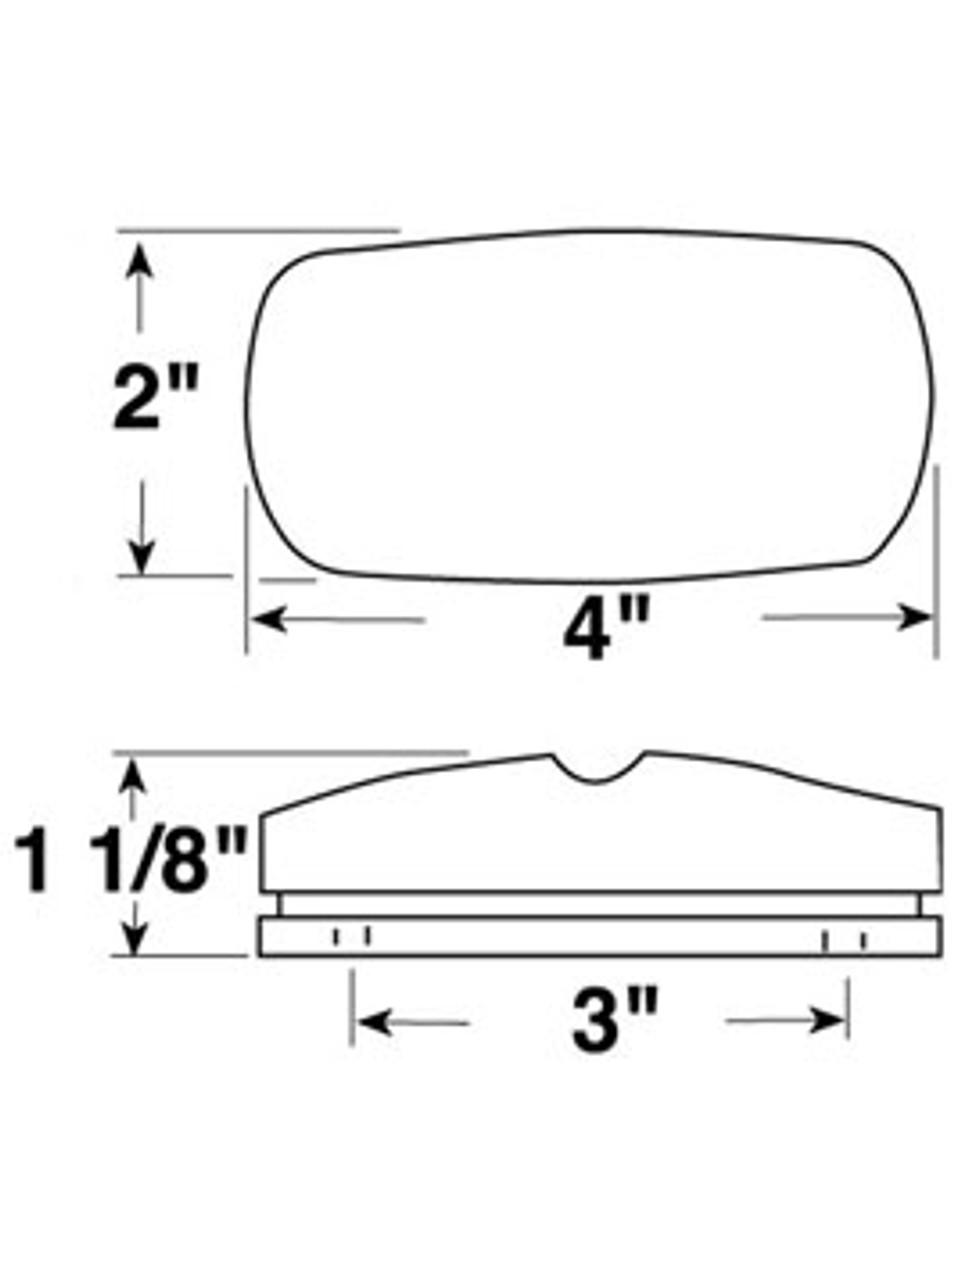 V138R --- Double Bulls Eye Clearance/Side Marker Light